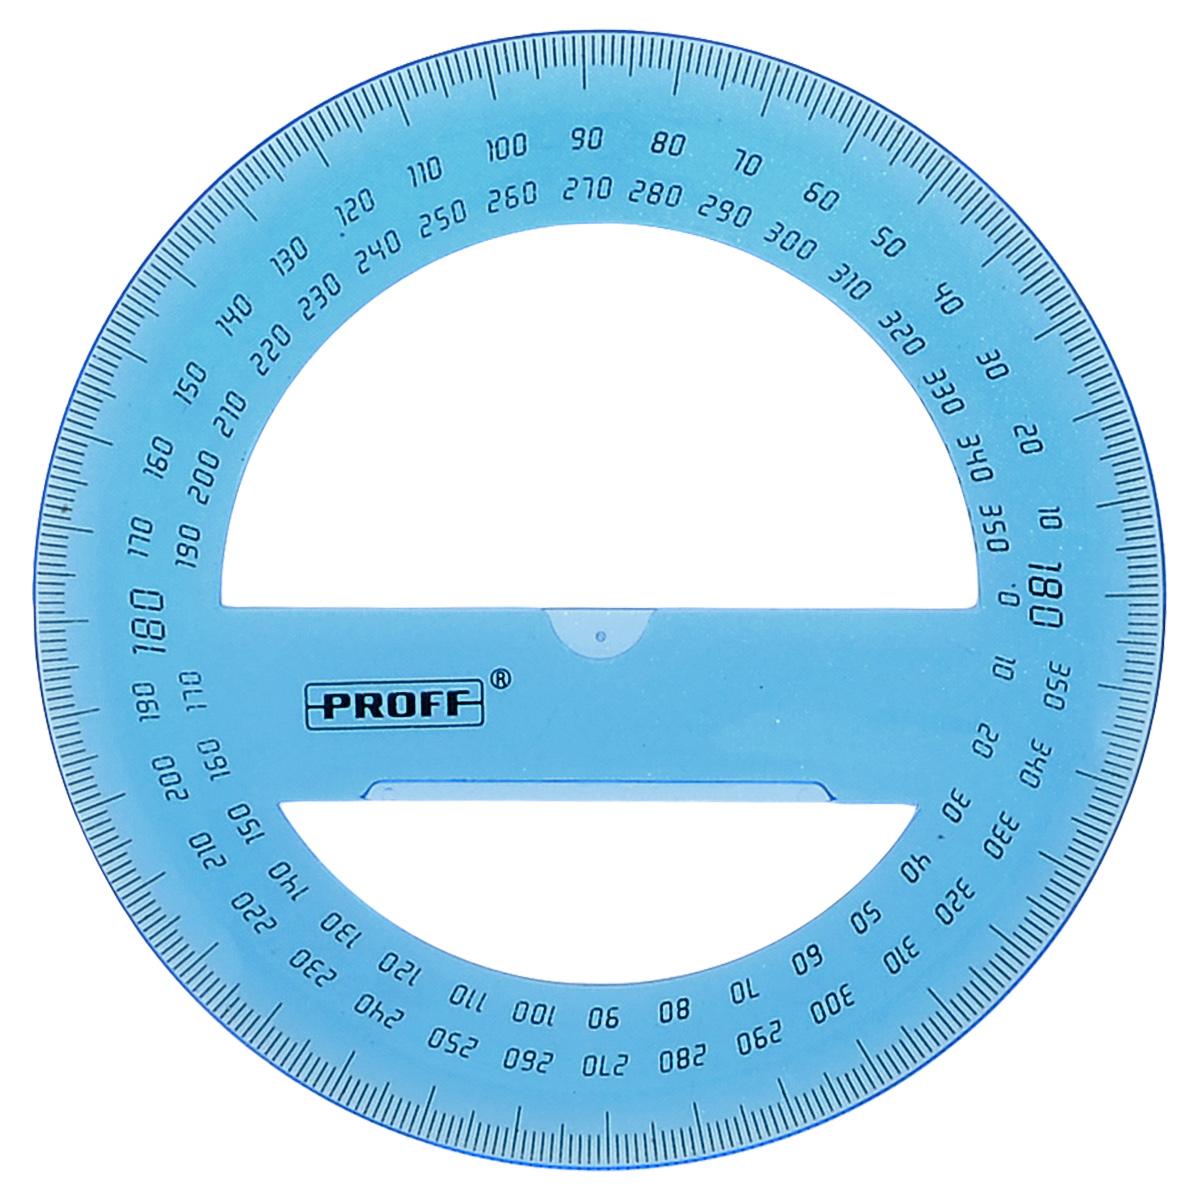 Транспортир Proff, 360 градусов, цвет: голубойBP271_голубойТранспортир Proff с углом 360 градусов выполнен из прозрачного пластика с четкой миллиметровой шкалой делений.